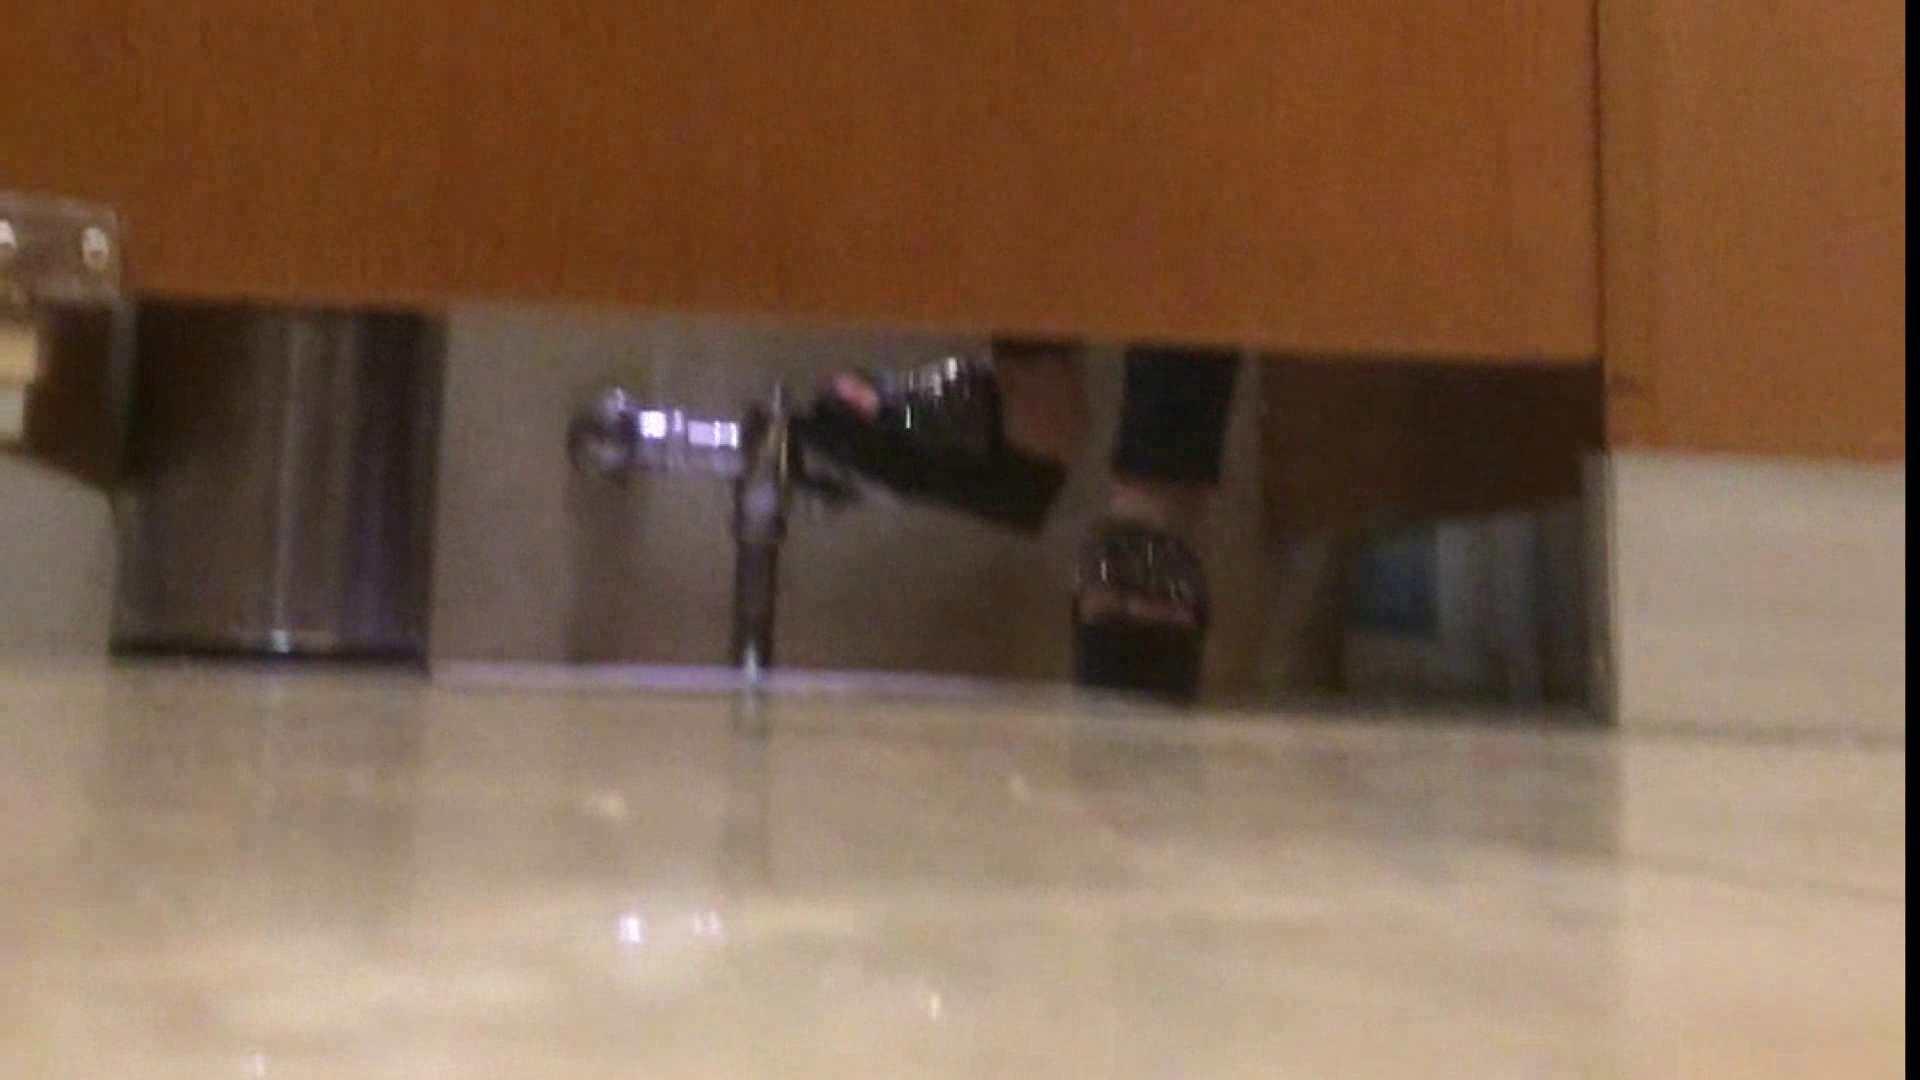 「噂」の国の厠観察日記2 Vol.14 厠 盗み撮りオマンコ動画キャプチャ 61画像 50